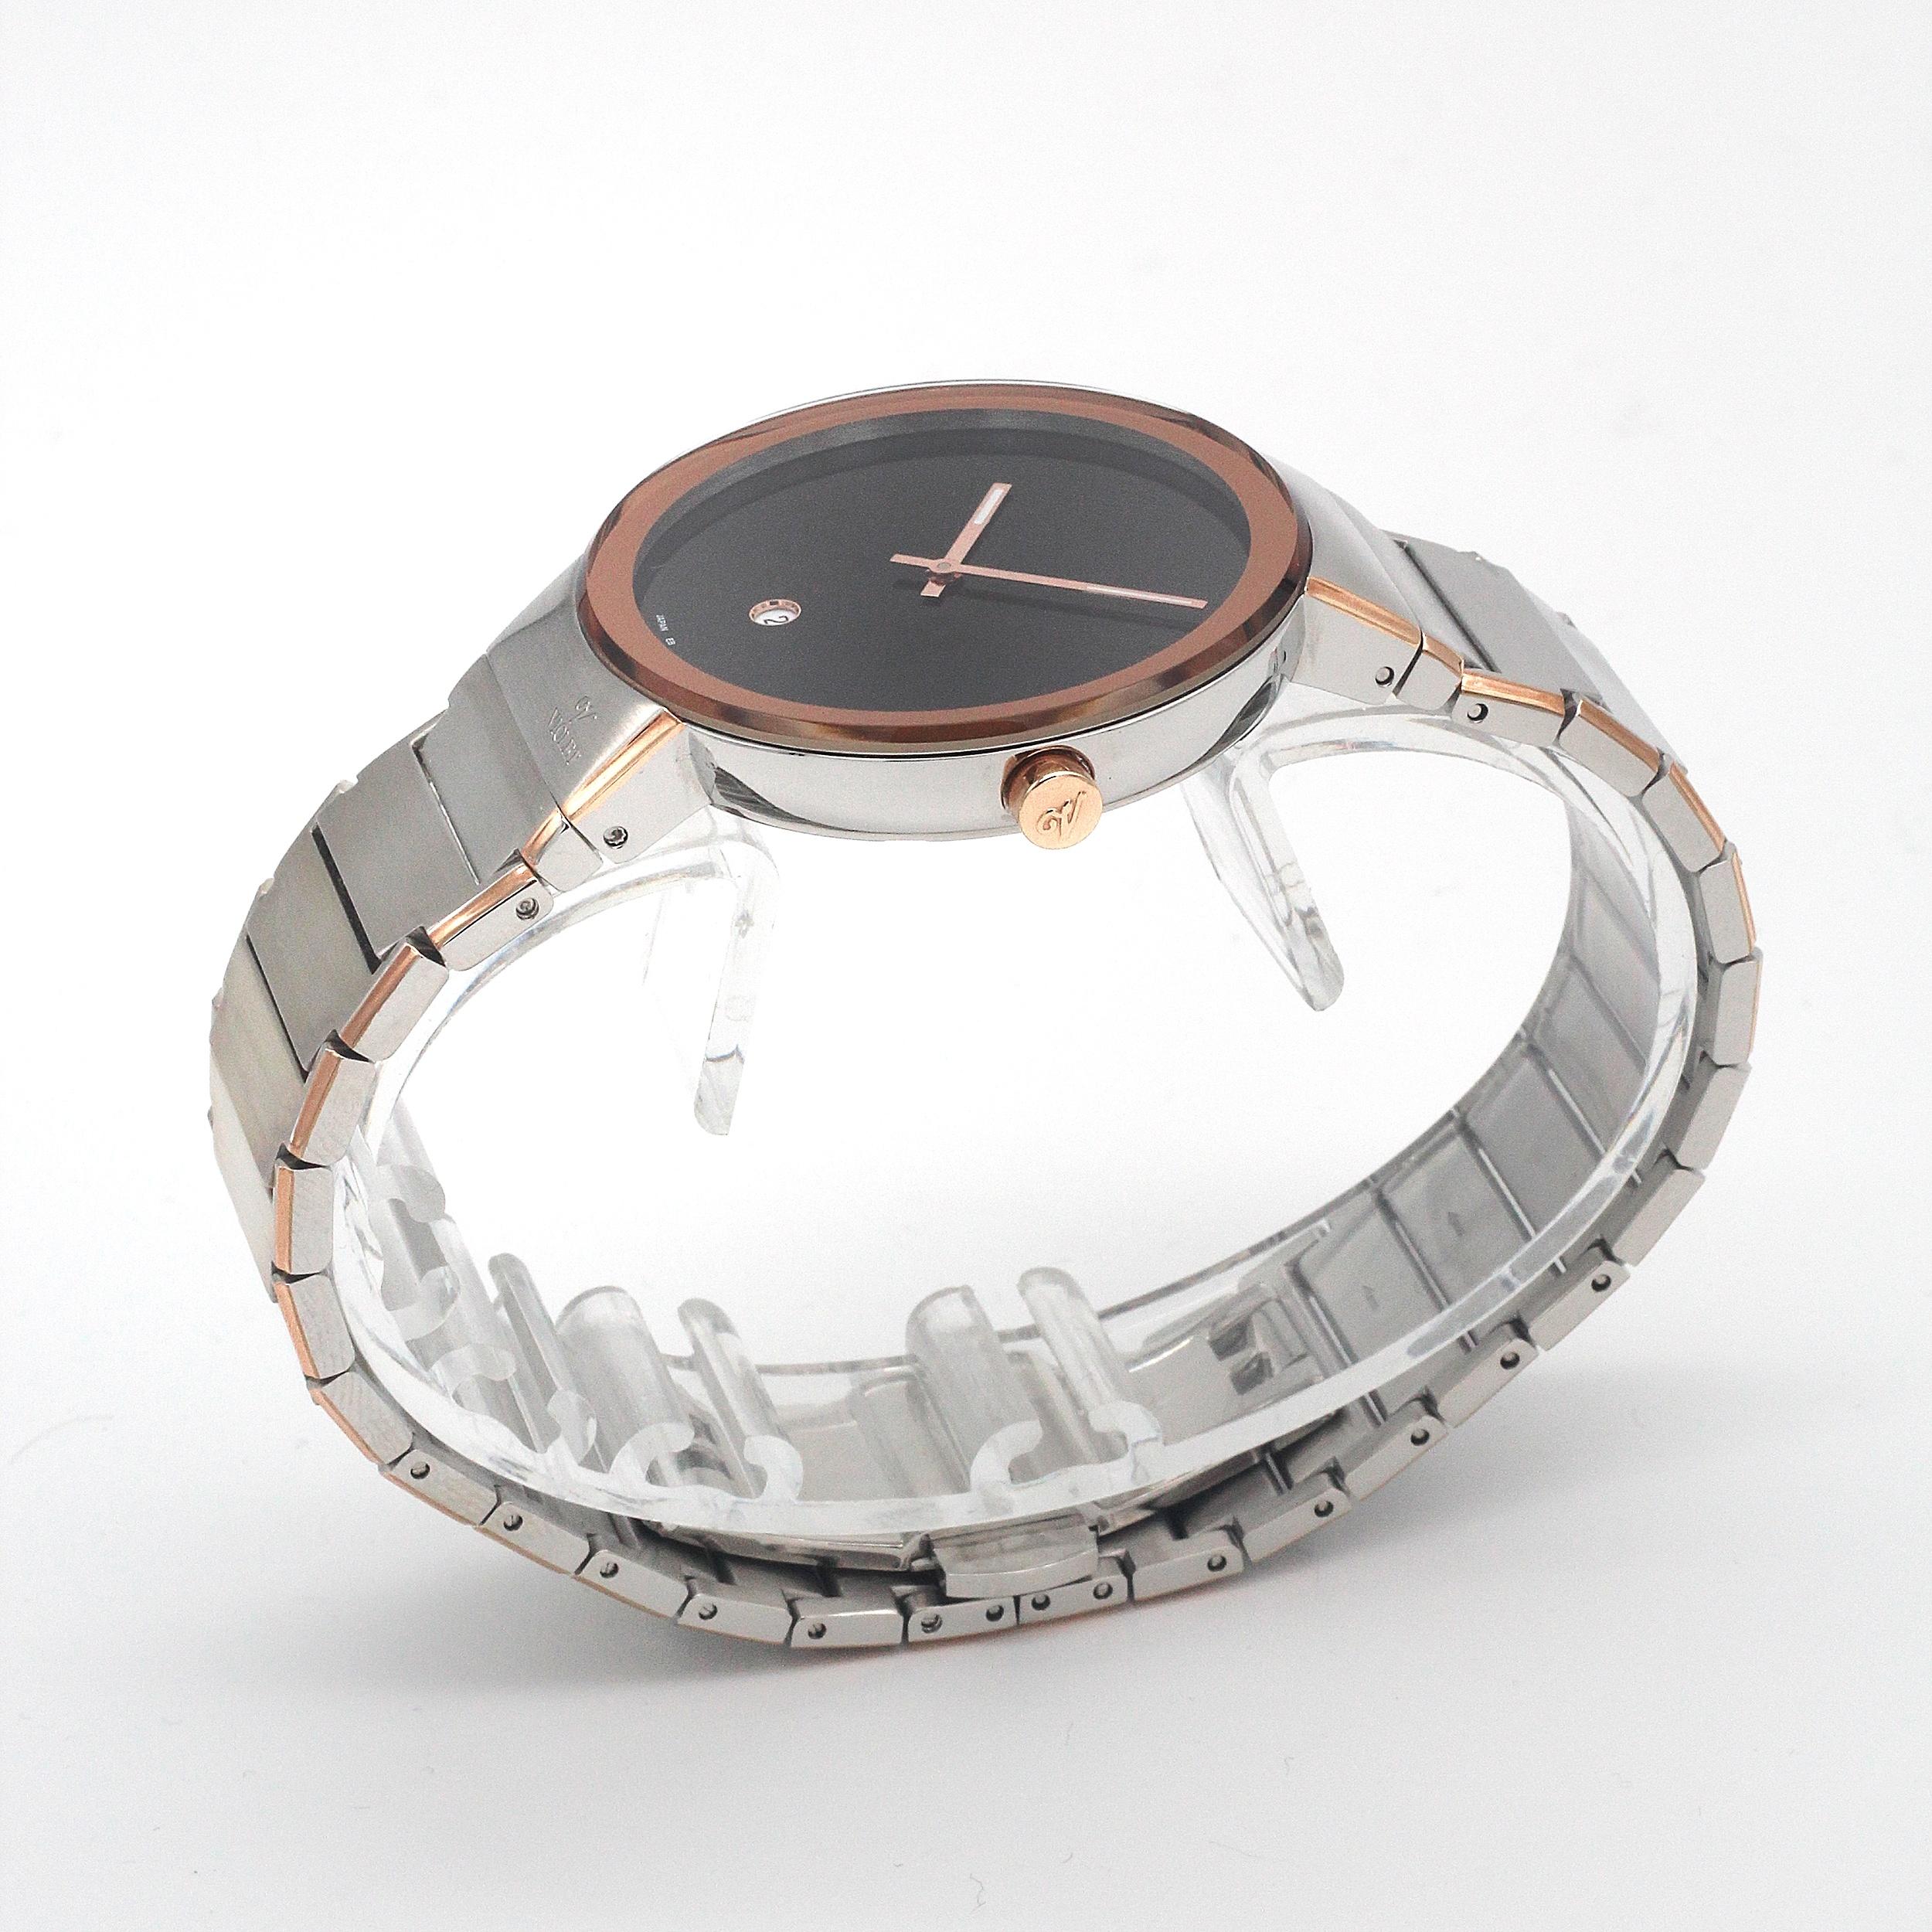 ساعت مچی عقربهای مردانه ویولت مدل B0519G-939